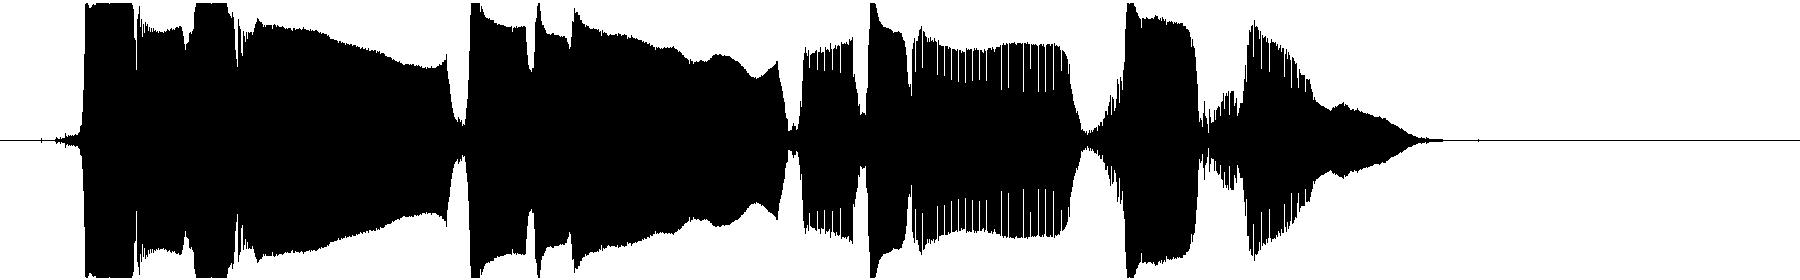 saxsoloa 7